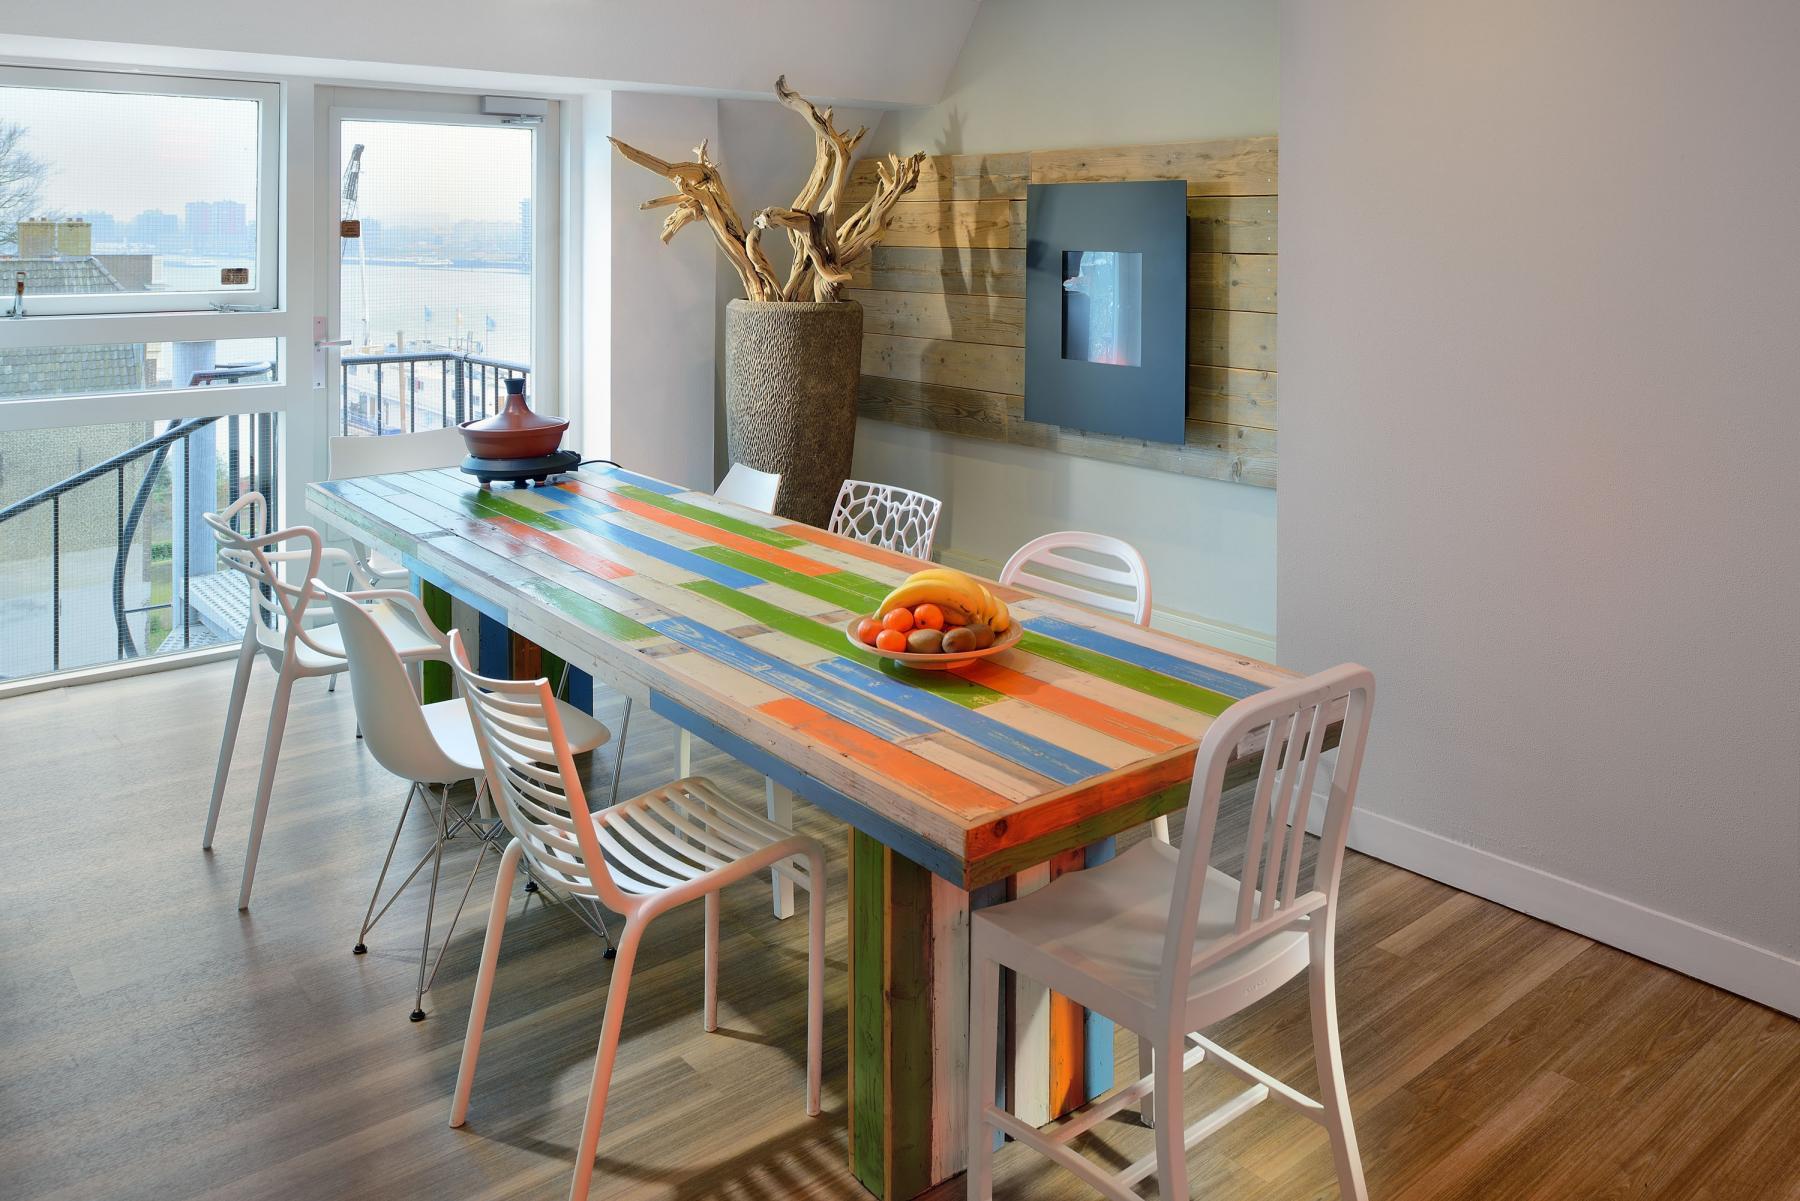 gemeenschappelijke ruimte tafel stoelen planten deuren uitzicht kantoorpand wolwevershaven dordrecht